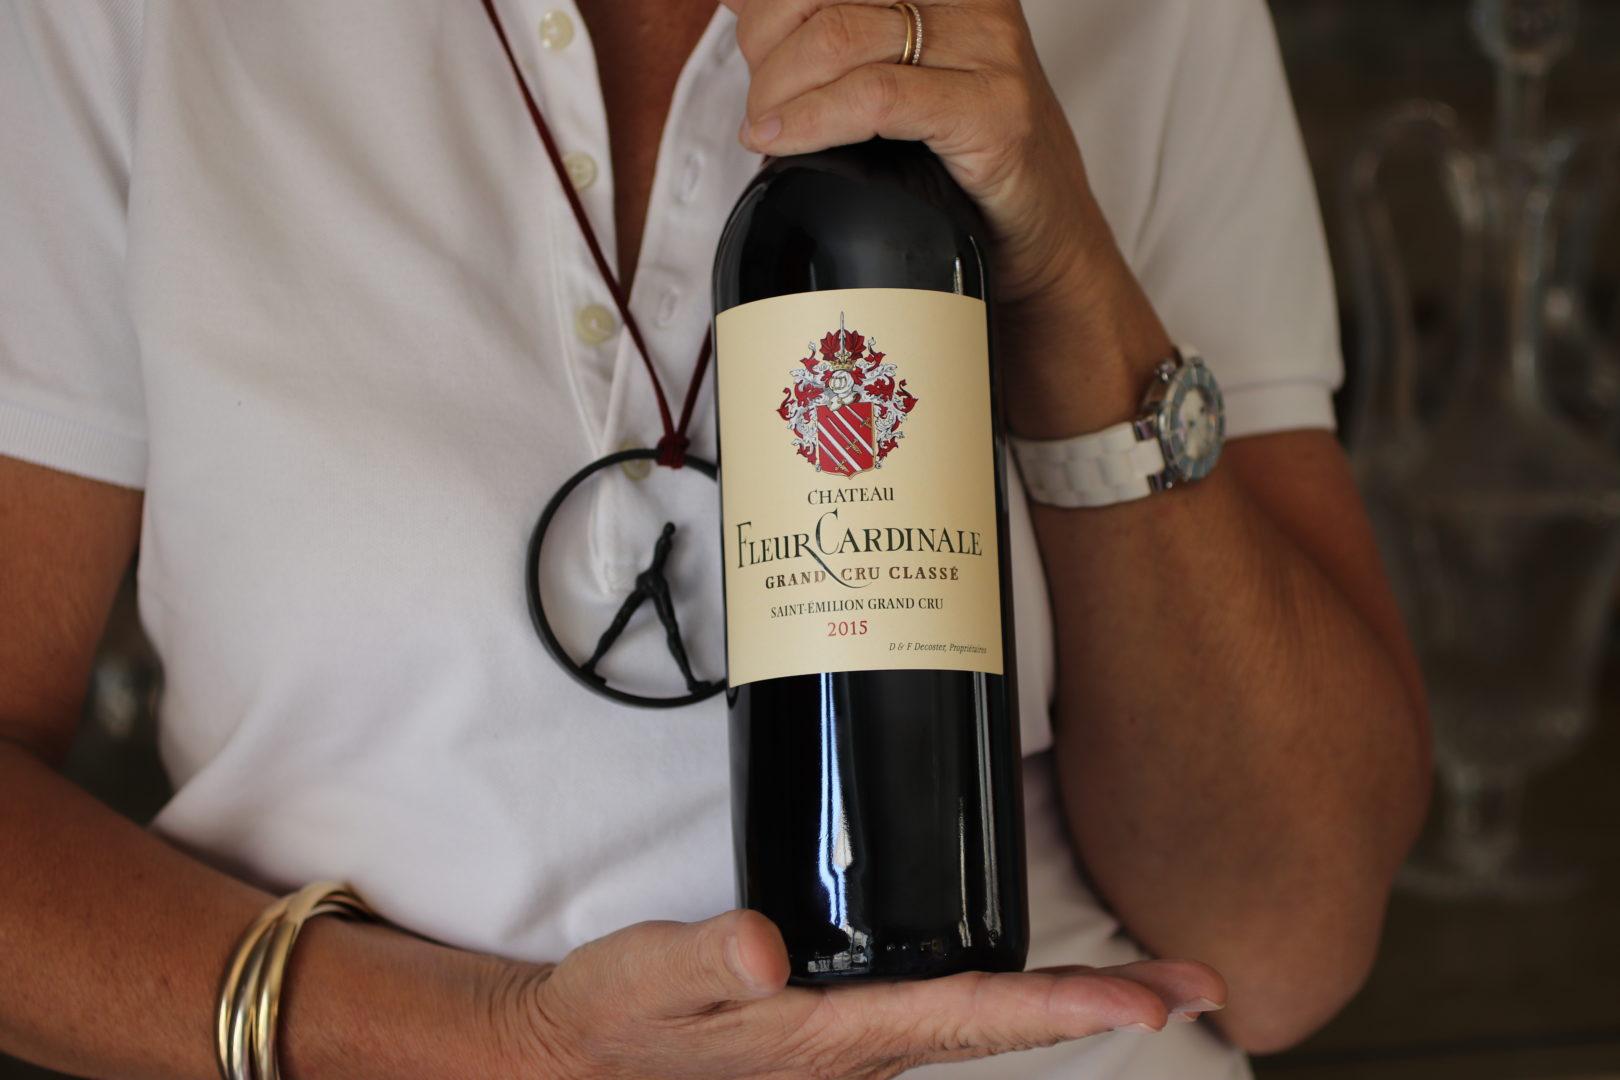 Une bouteille de Fleur Cardinale 2015 - © C. Decoster, Château Fleur Cardinale